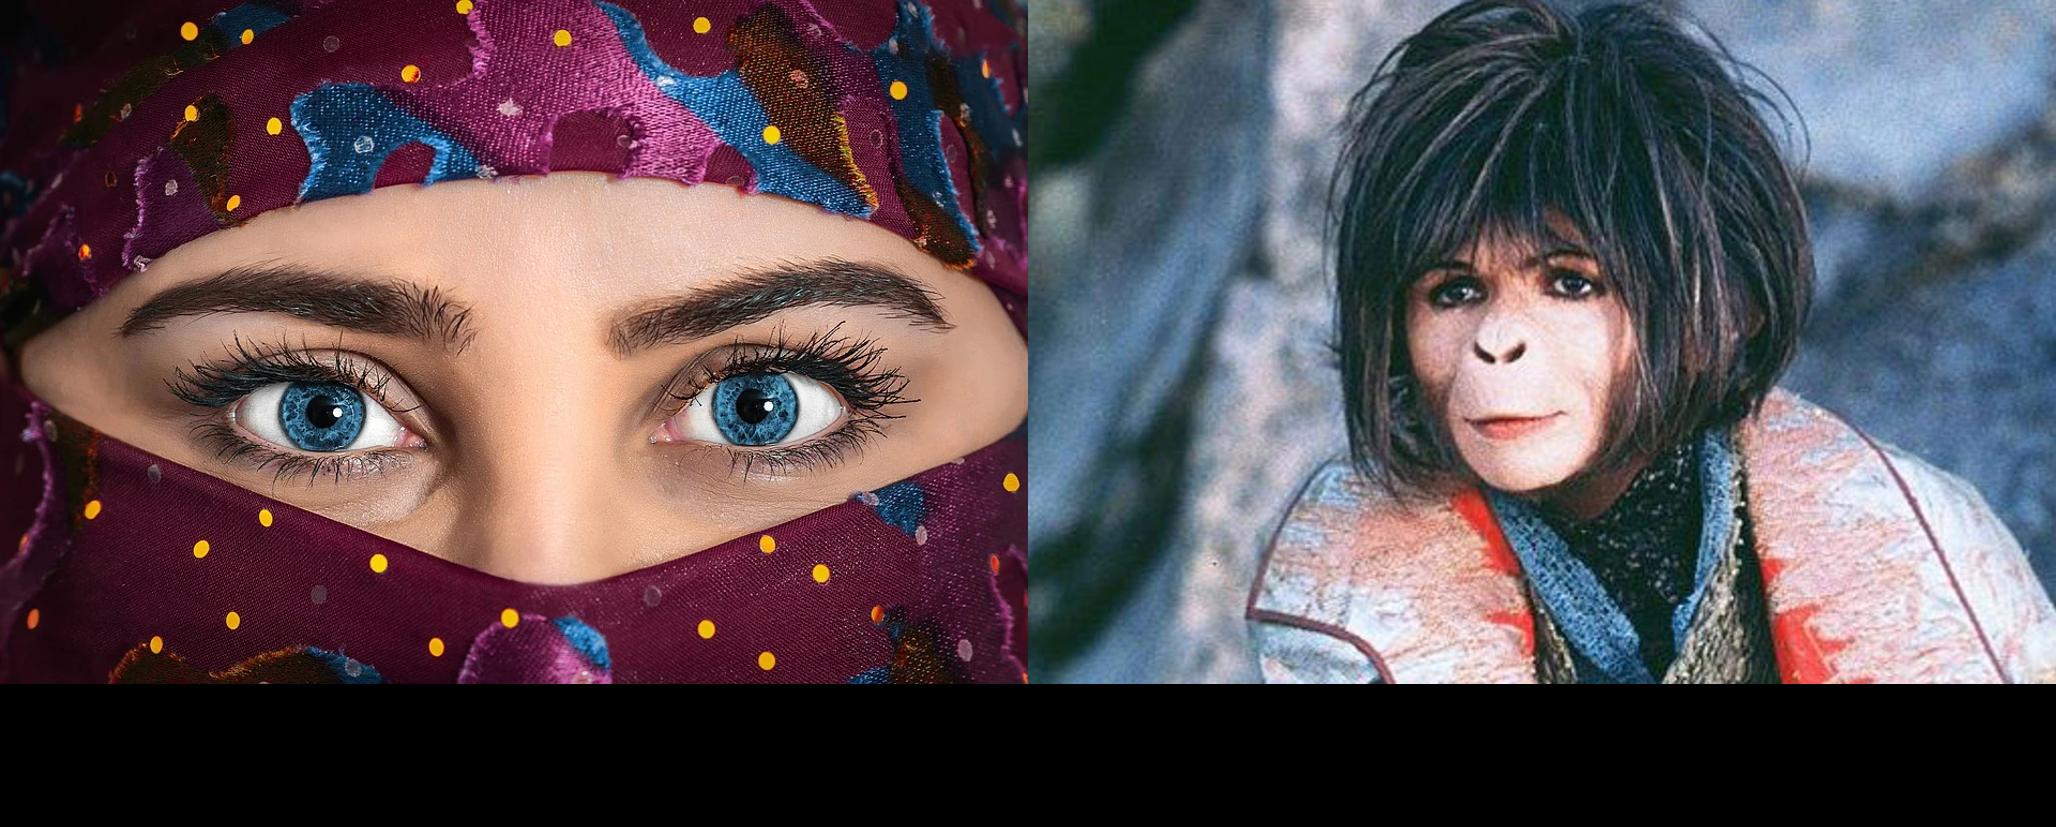 A la izquierda una mujer árabe con velo, a la derecha, personaje femenino del planeta de los simios